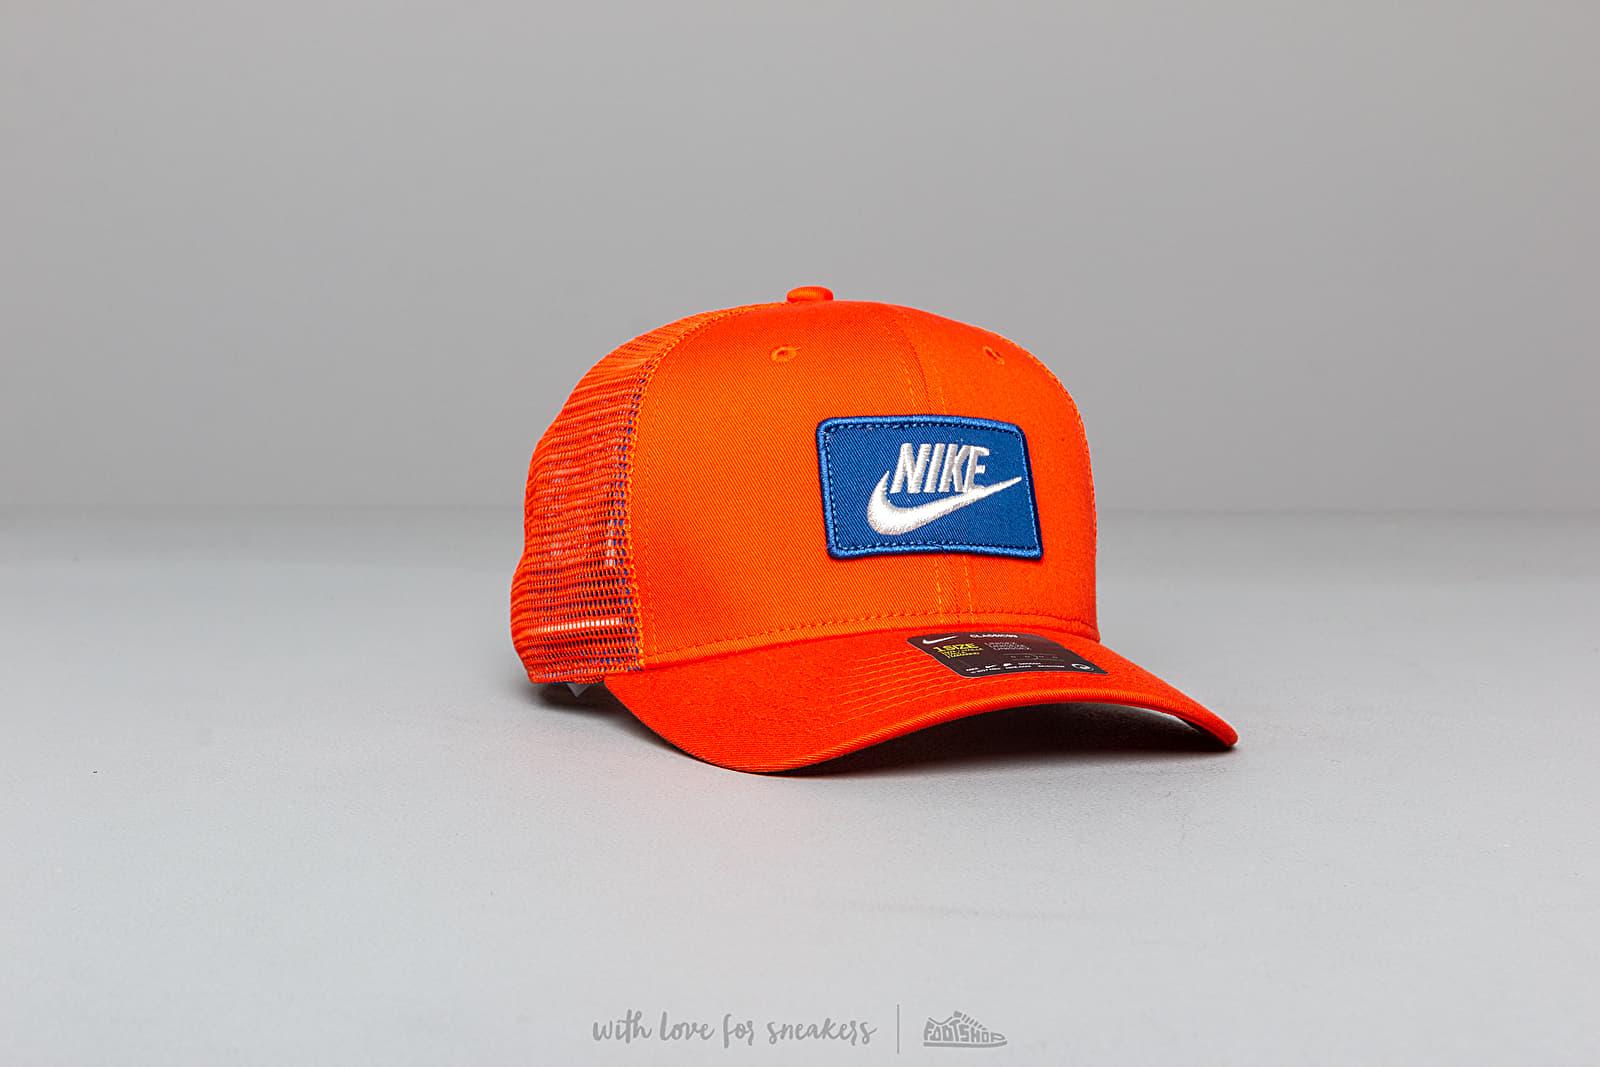 Nike Sportswear CLC 99 Cap Trucker